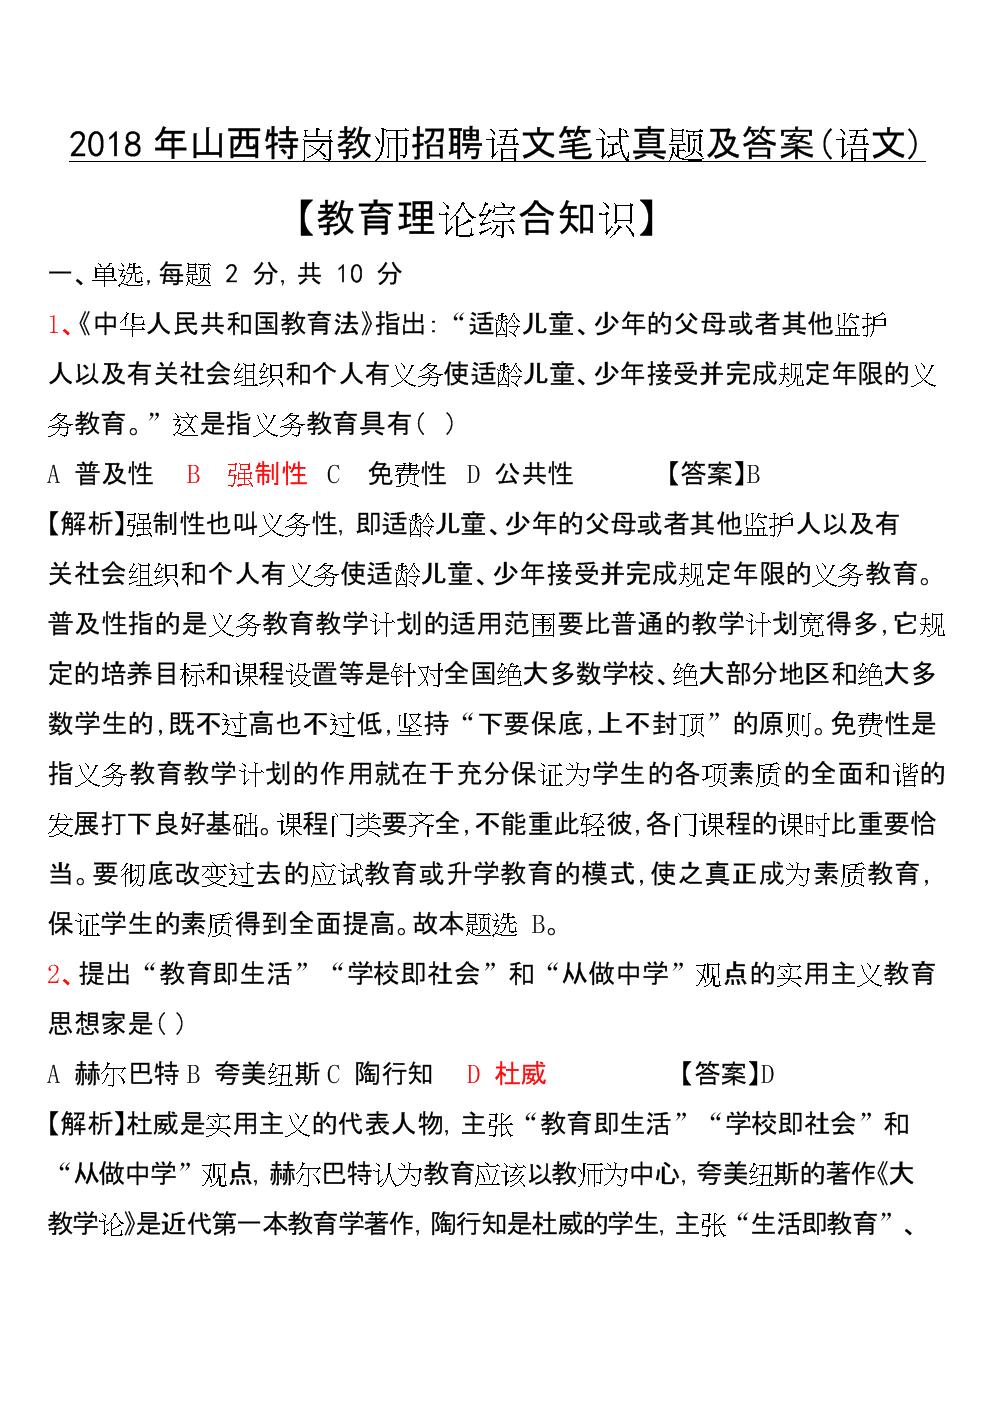 2018年山西特岗教师招聘语文笔试真题及答案.doc